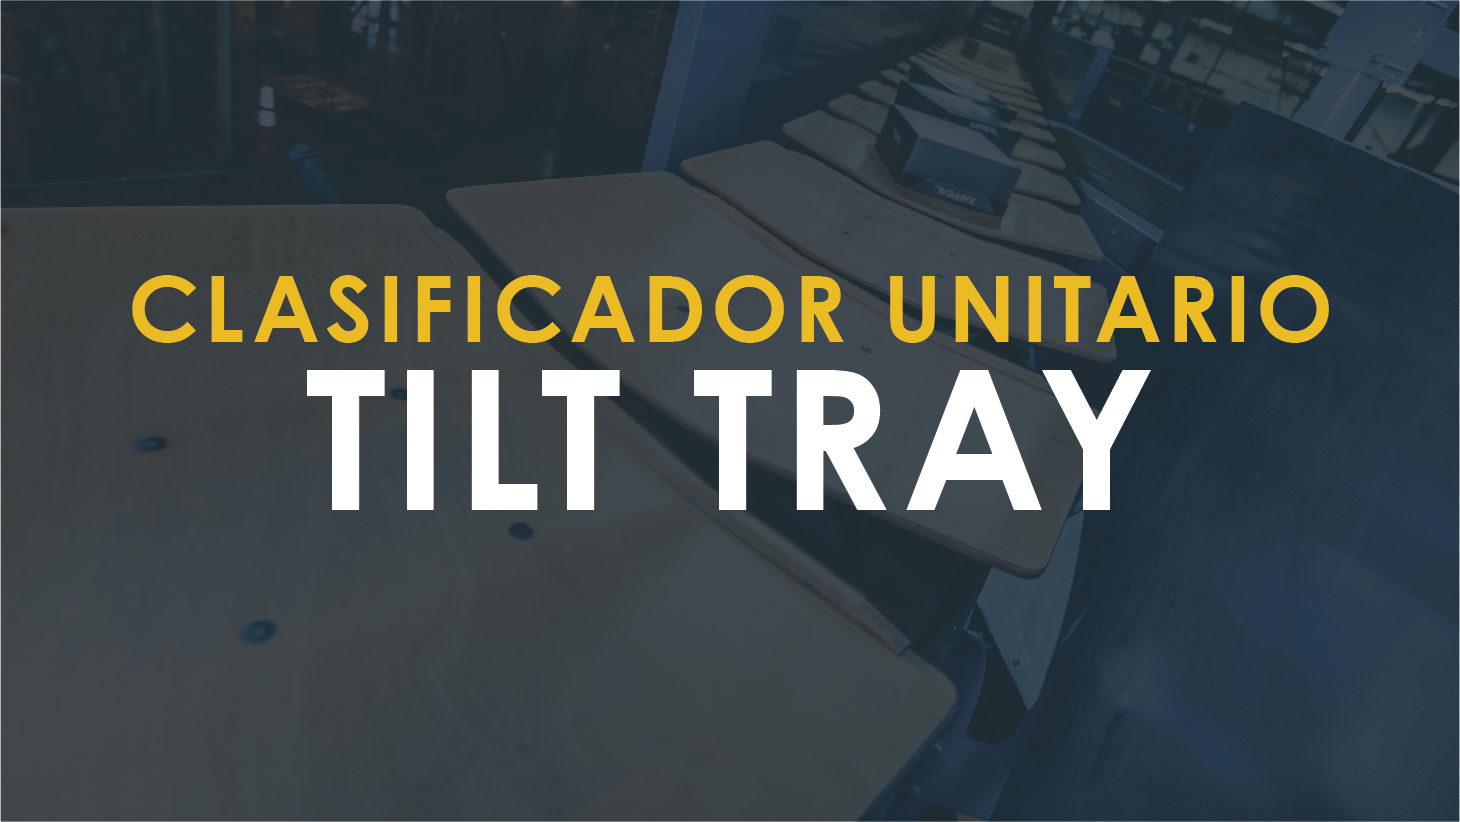 TILTTRAY-icon-ES_1